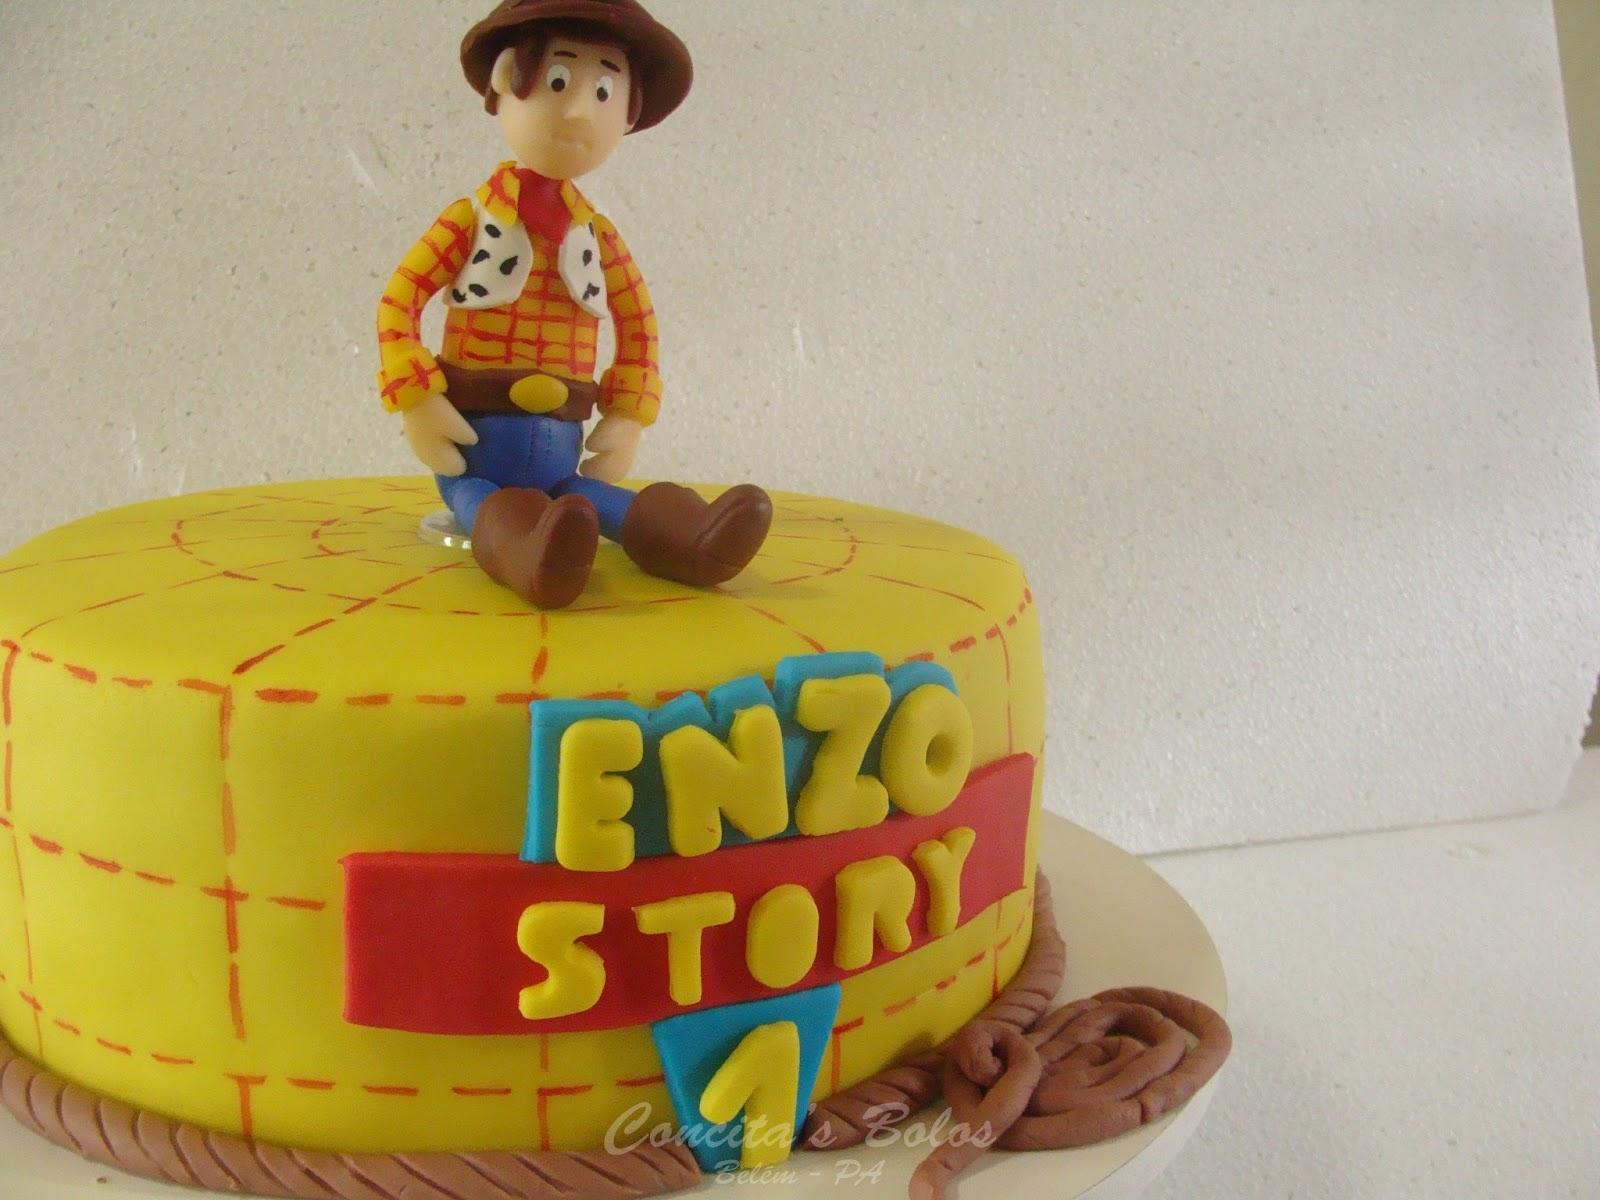 Suficiente Concita's Bolos - Bolos Decorados em Belém.: Bolo do Toy Story IJ17